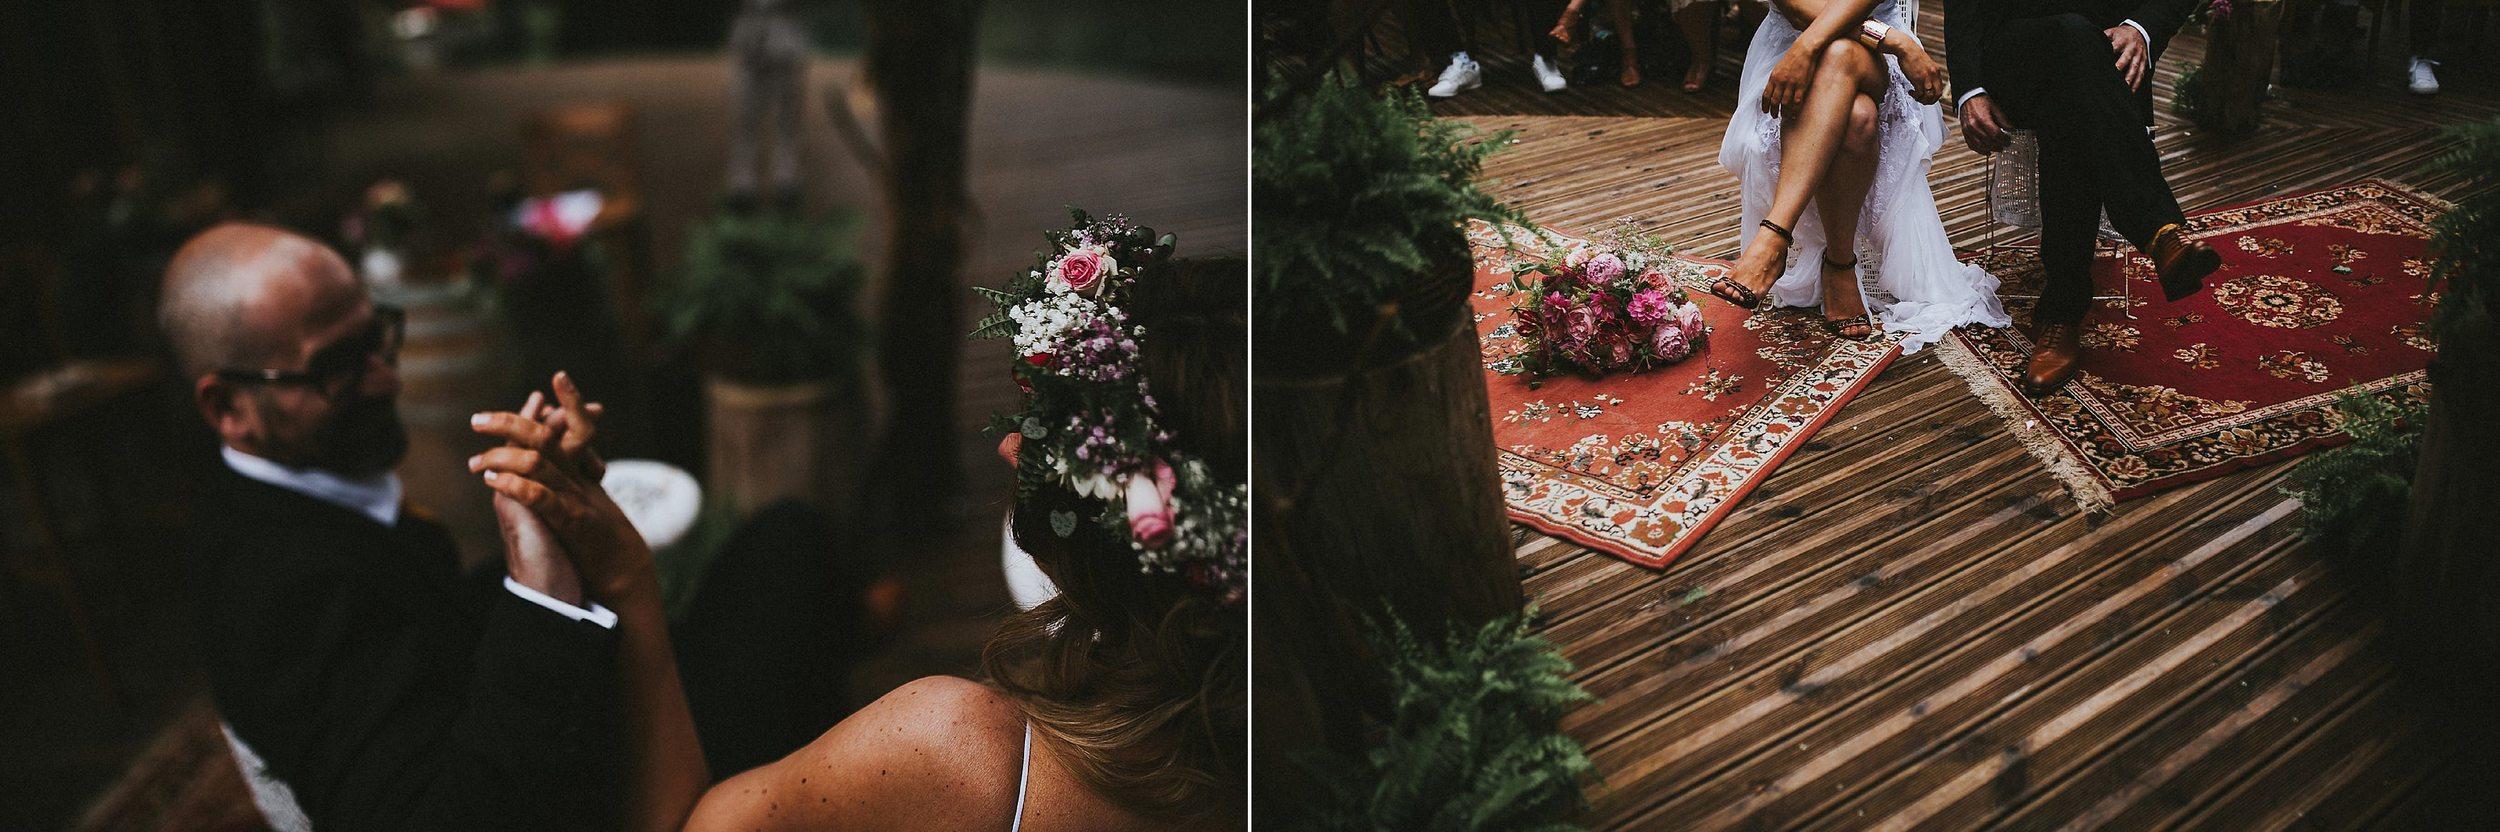 mariage-suisse-haute-savoie-domaine-baron-steven-bassillieaux-bordeaux-dordogne-wedding-photographe-19.jpg